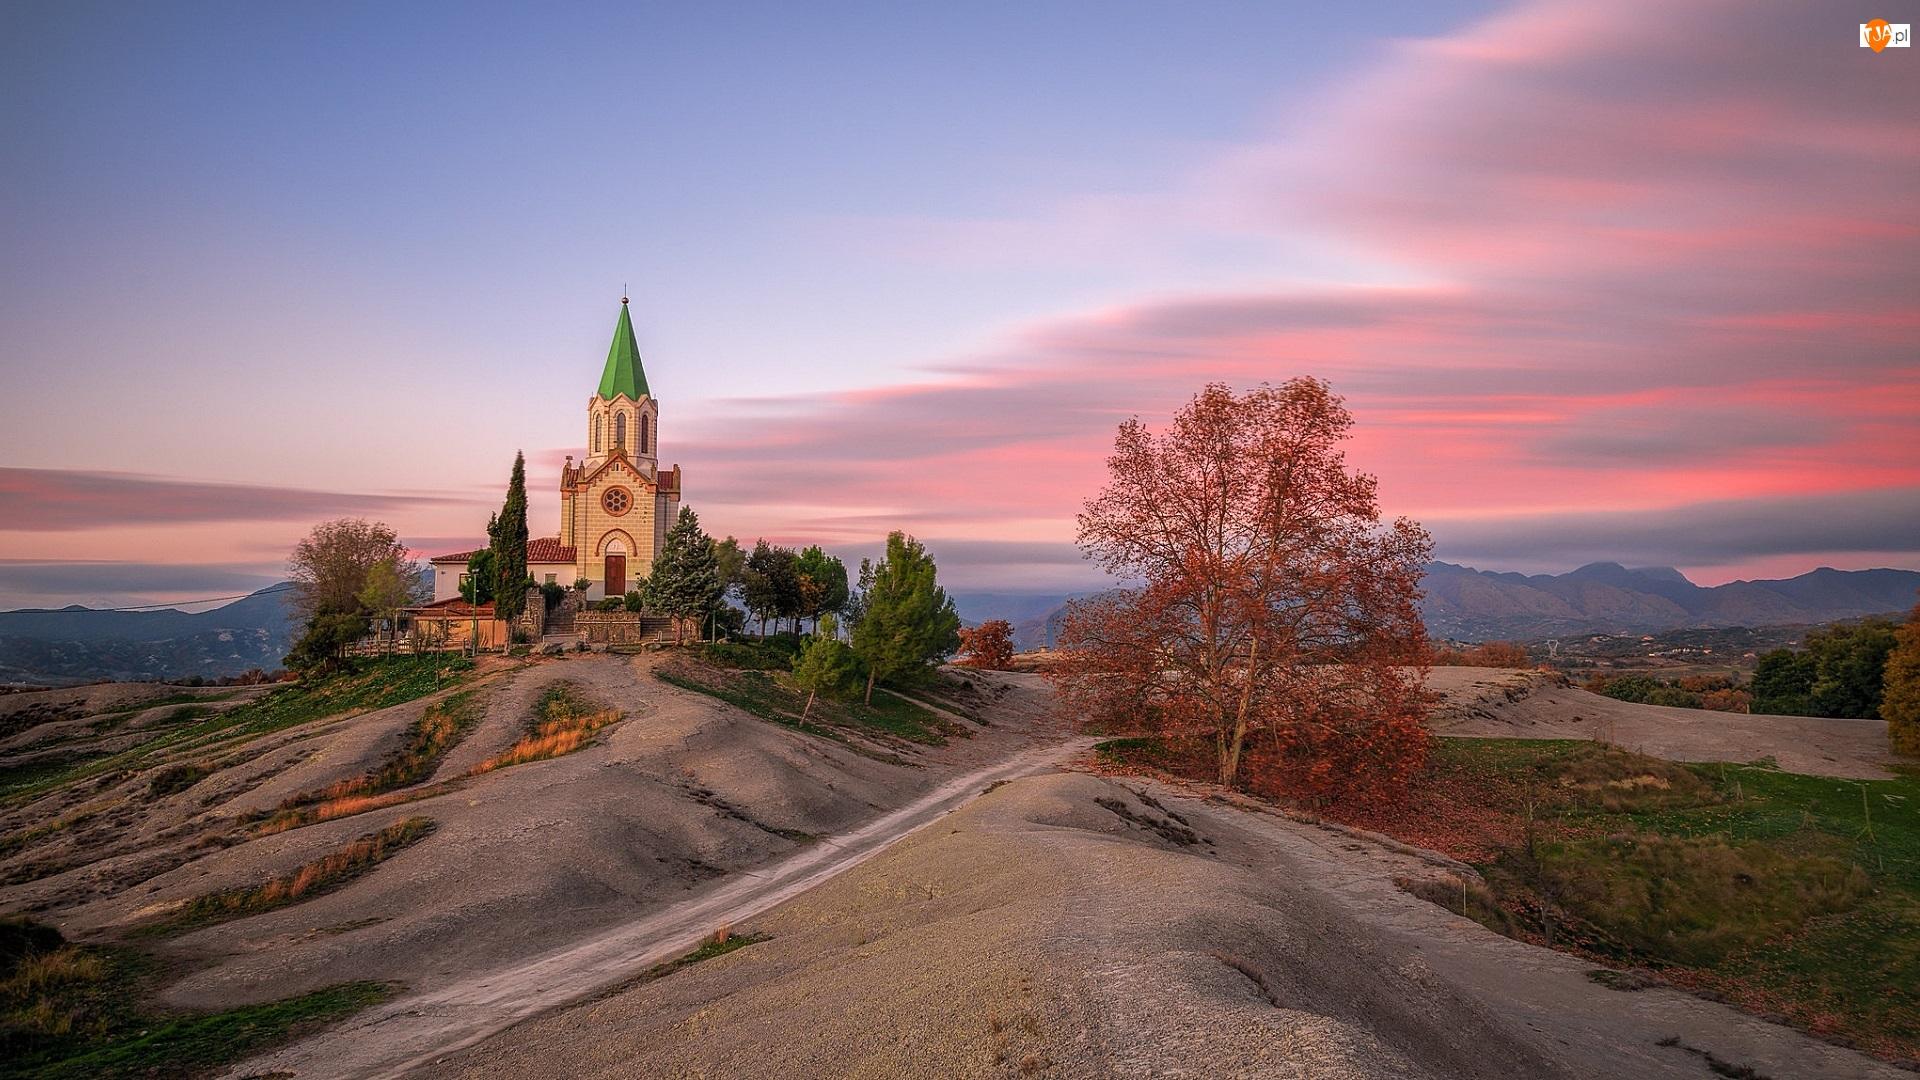 Drzewa, Hiszpania, Kościół Santuari Puig Agut, Góry, Katalonia, Droga, Zachód słońca, Gmina Manlleu